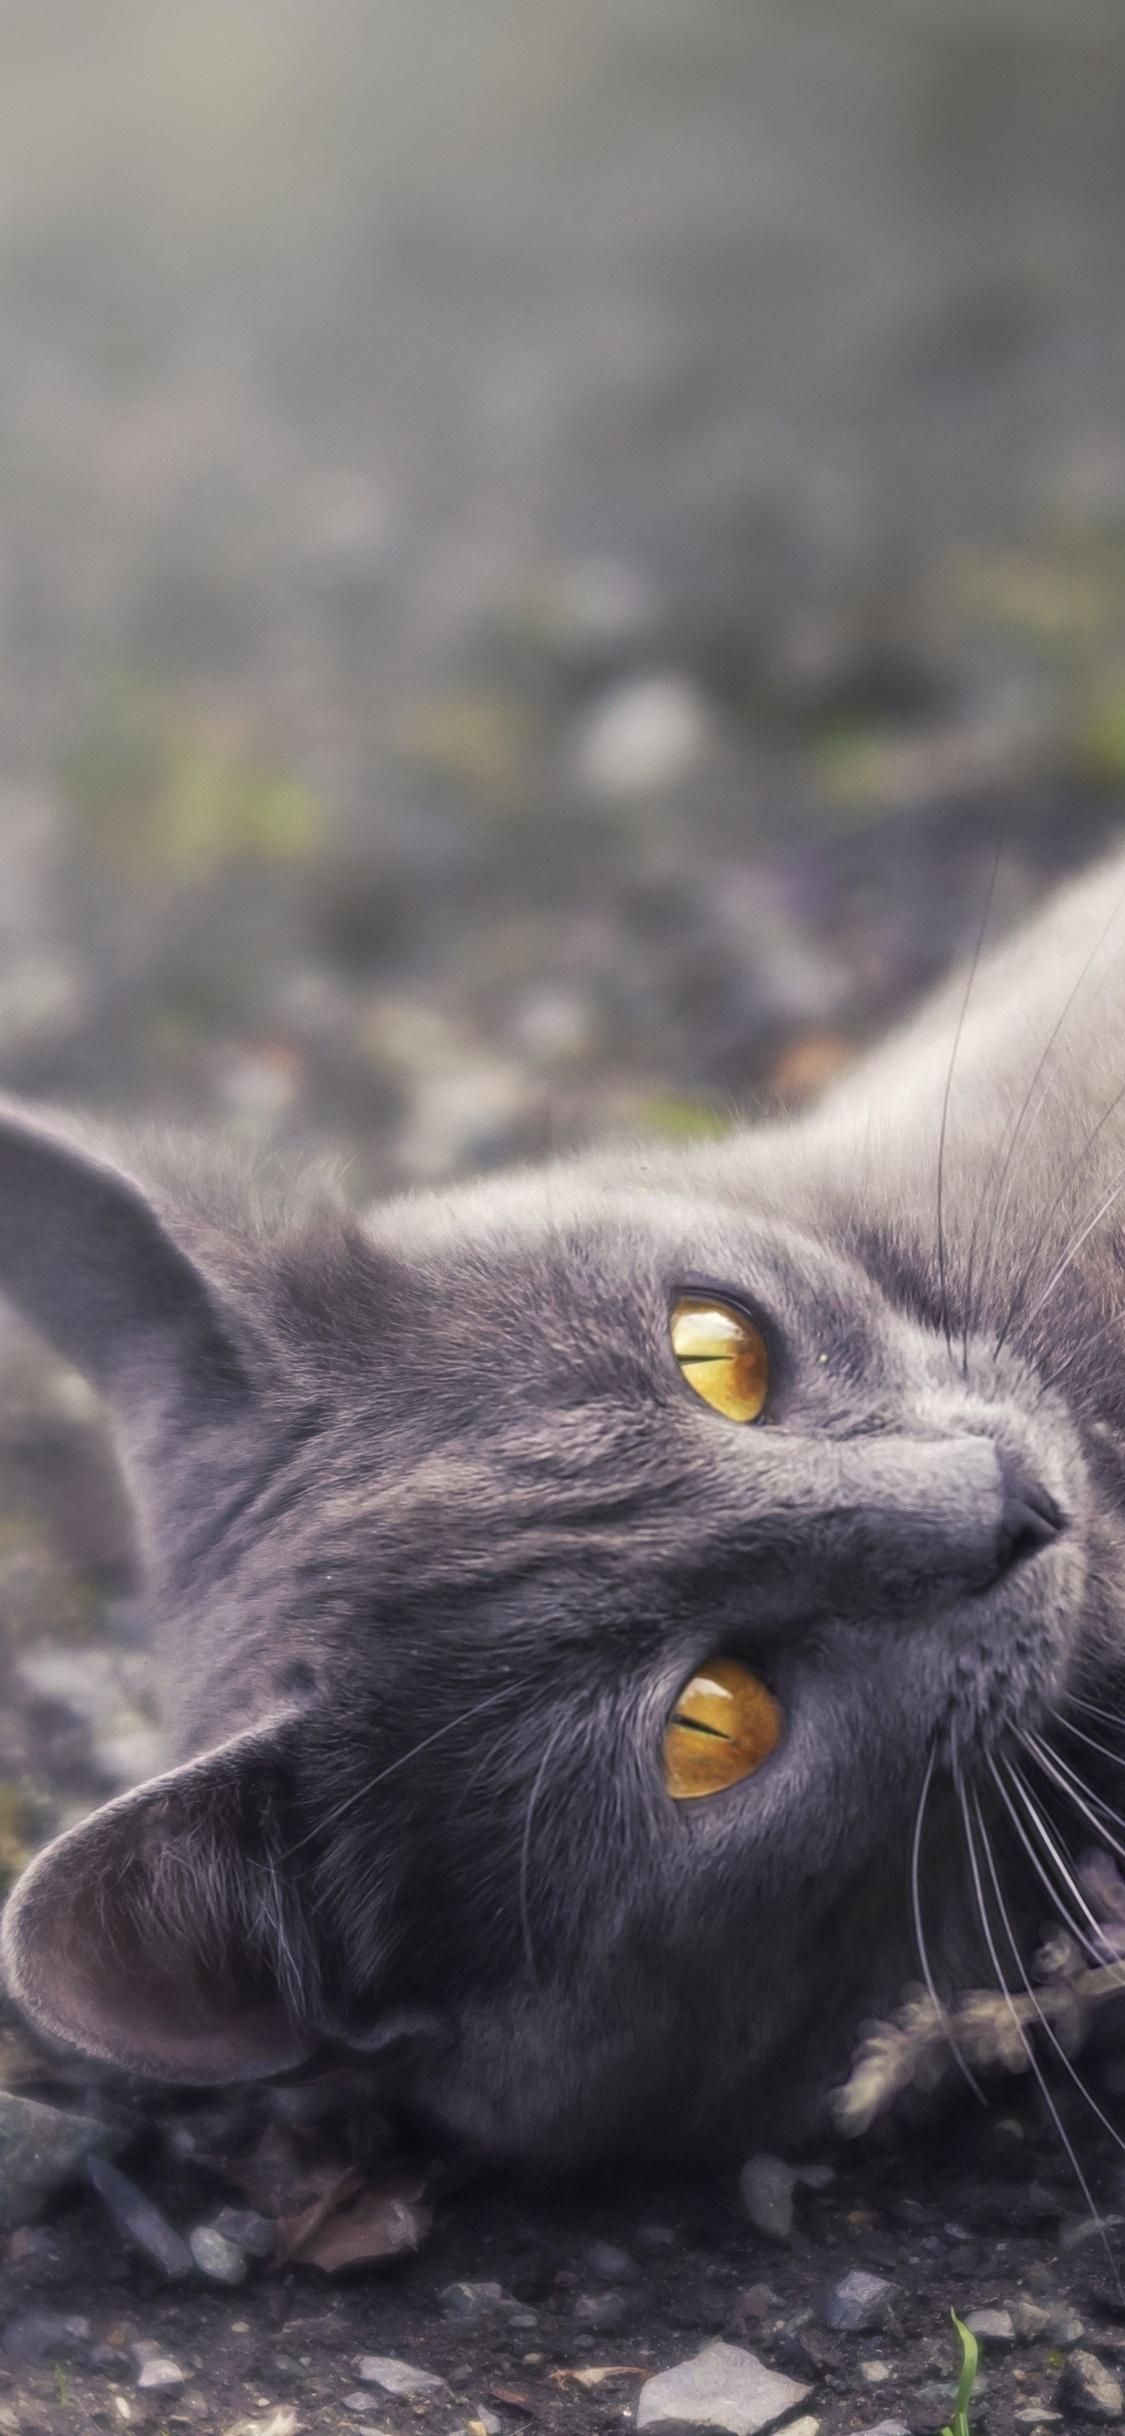 cat-golden-eyes-lying-down-5k-mh.jpg